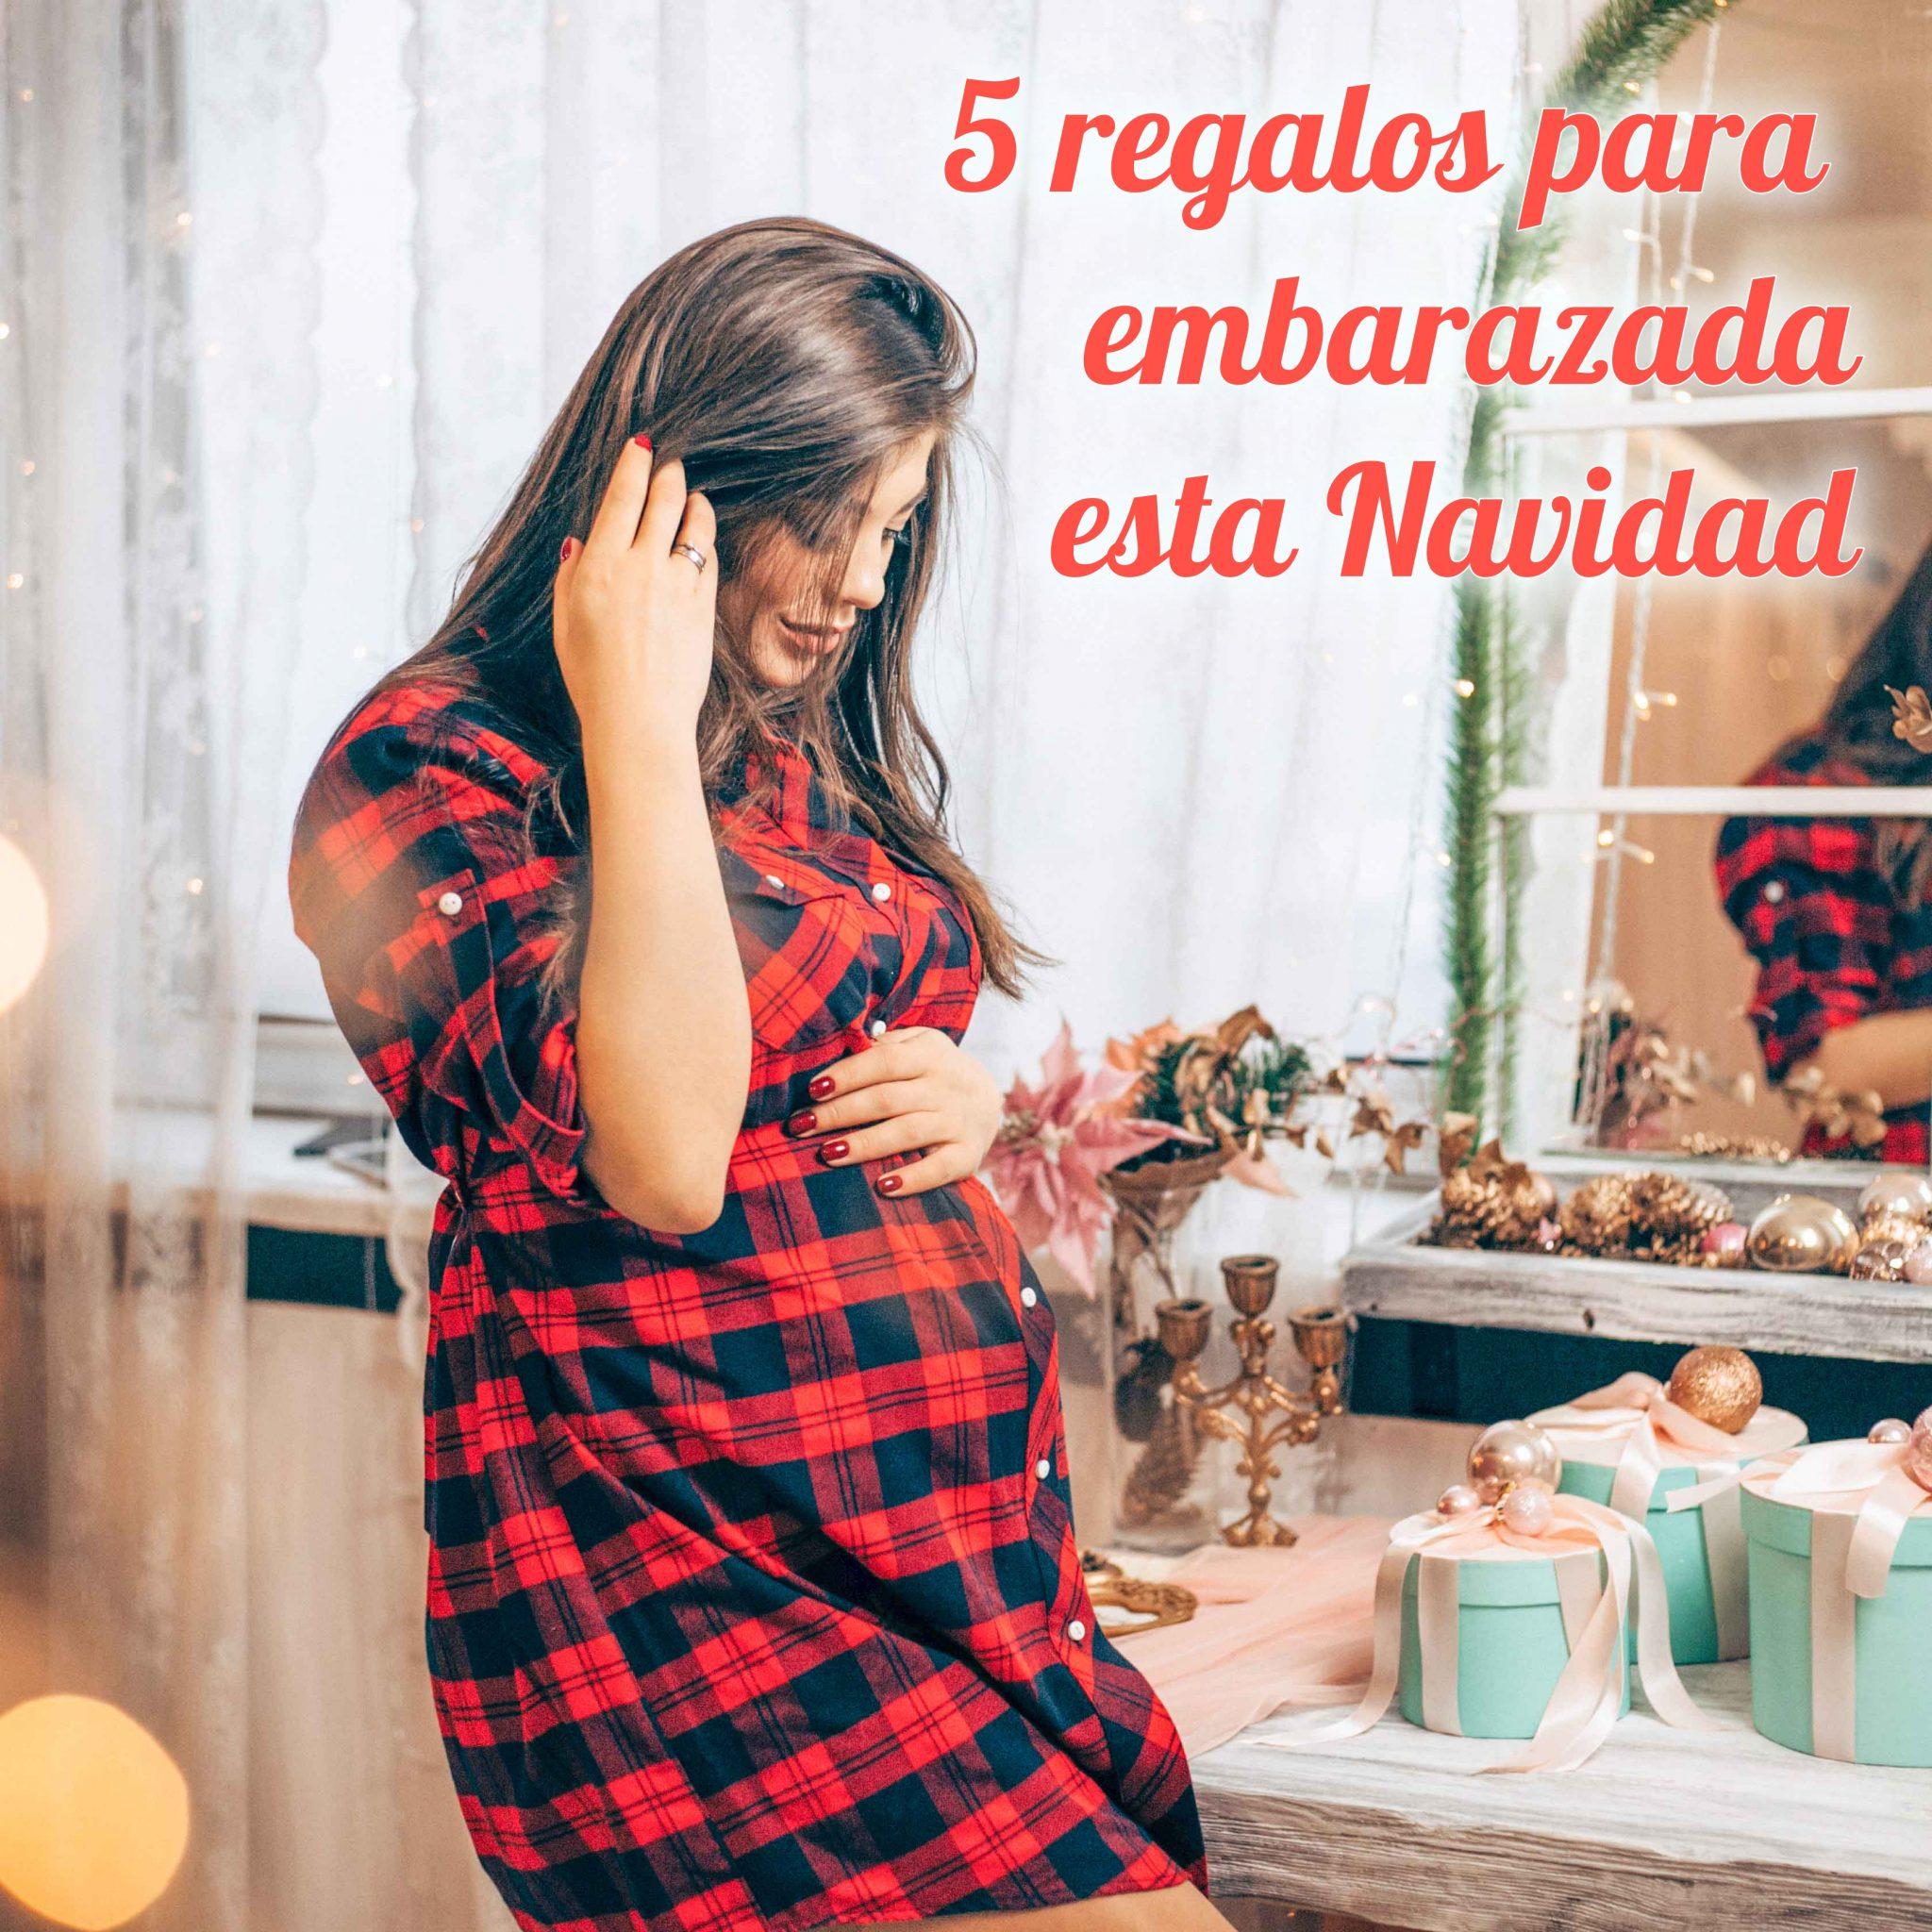 5 regalos para embarazadas esta Navidad